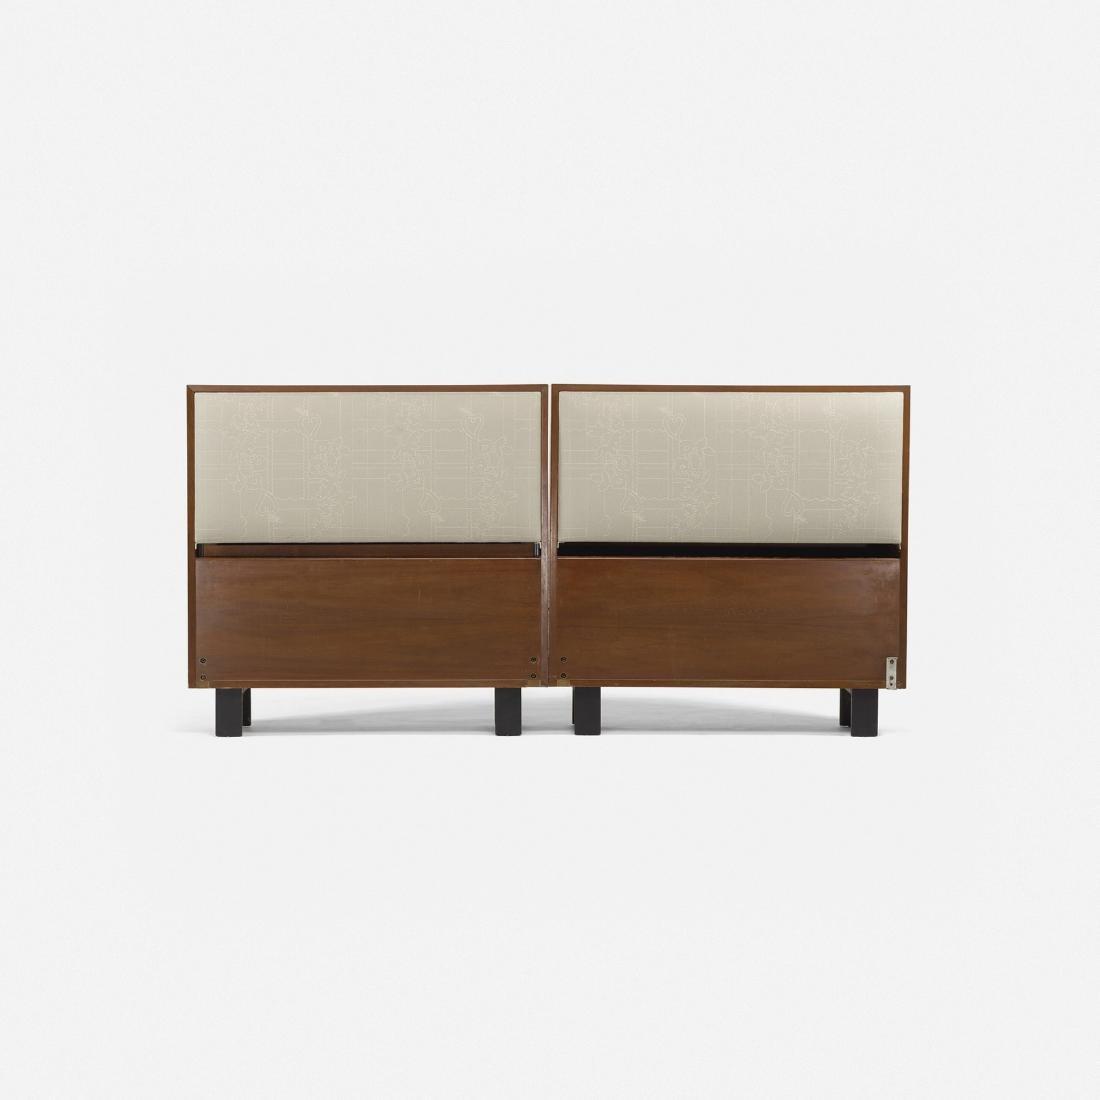 George Nelson & Associates, twin-sized headboards 4646 - 2